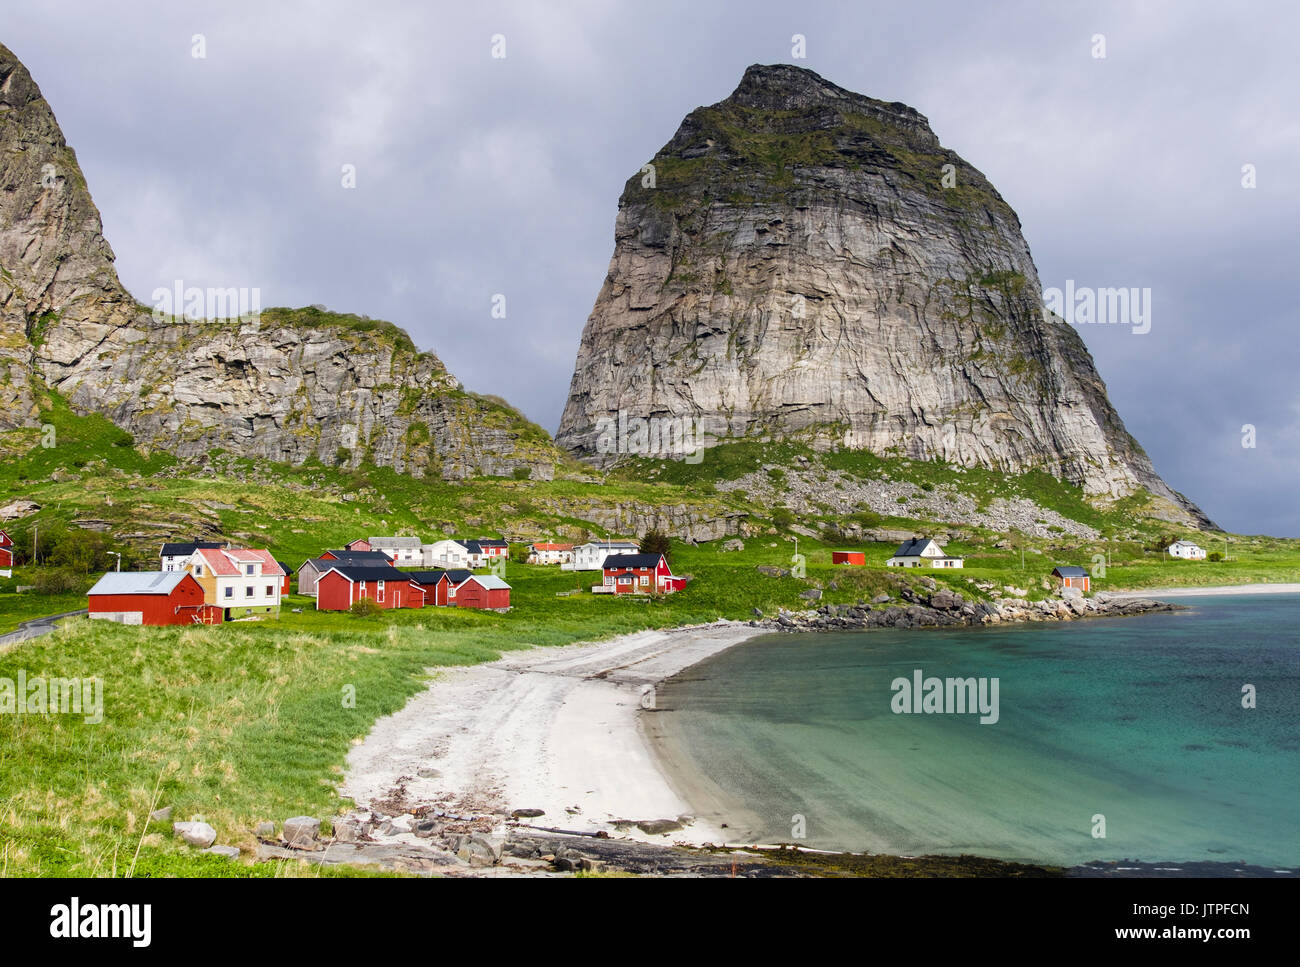 Sanna un antiguo pueblo pesquero Traenstaven casas por debajo de la montaña en verano en la isla, Traena Sanna, condado de Nordland, Noruega, Escandinavia Imagen De Stock